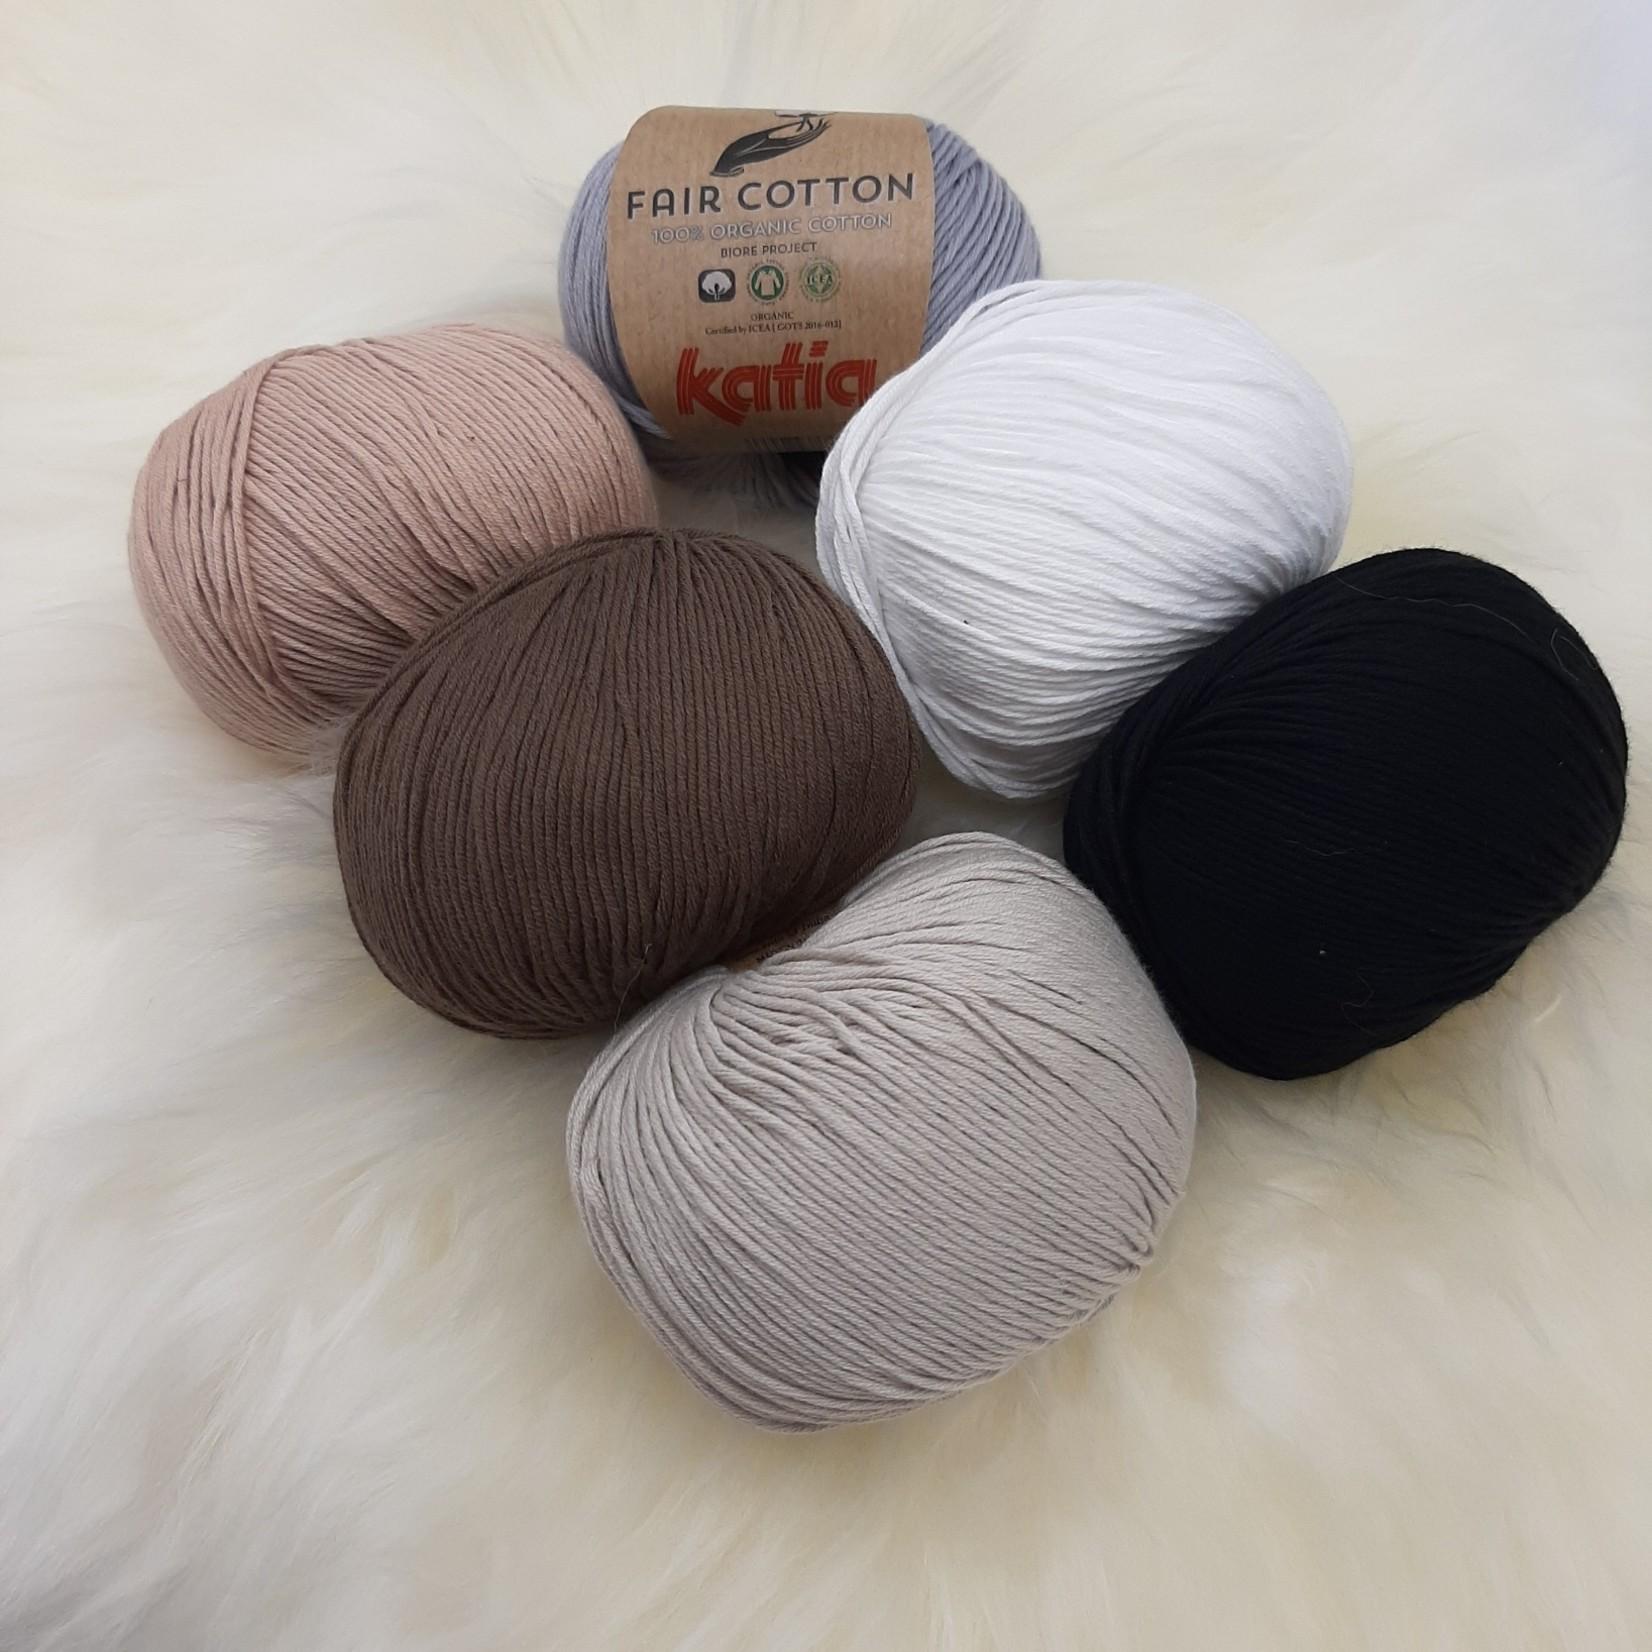 Katia Katia Fair Cotton - kleurenbundel Sahara - 6 x 50 gr. biol. katoen